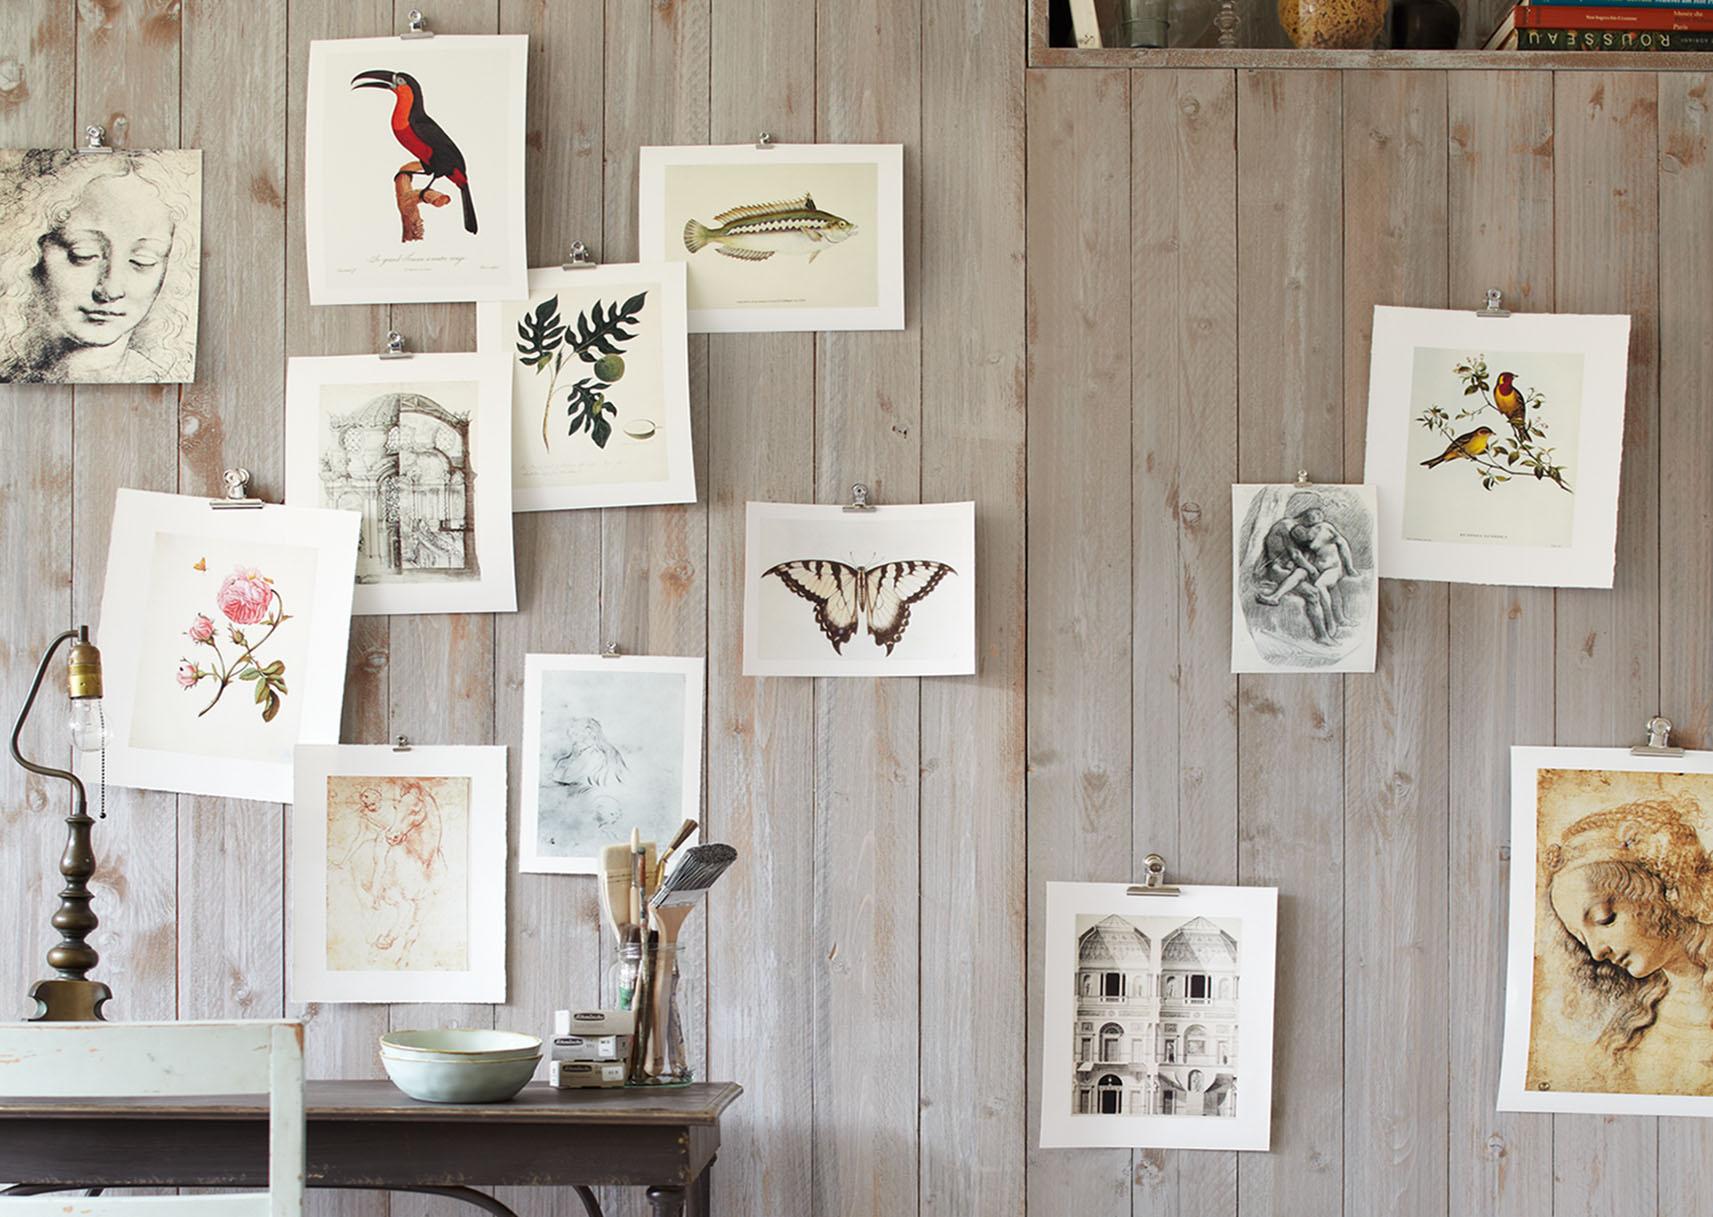 Hochwertiger Fotodruck für Museen & Ausstellungen